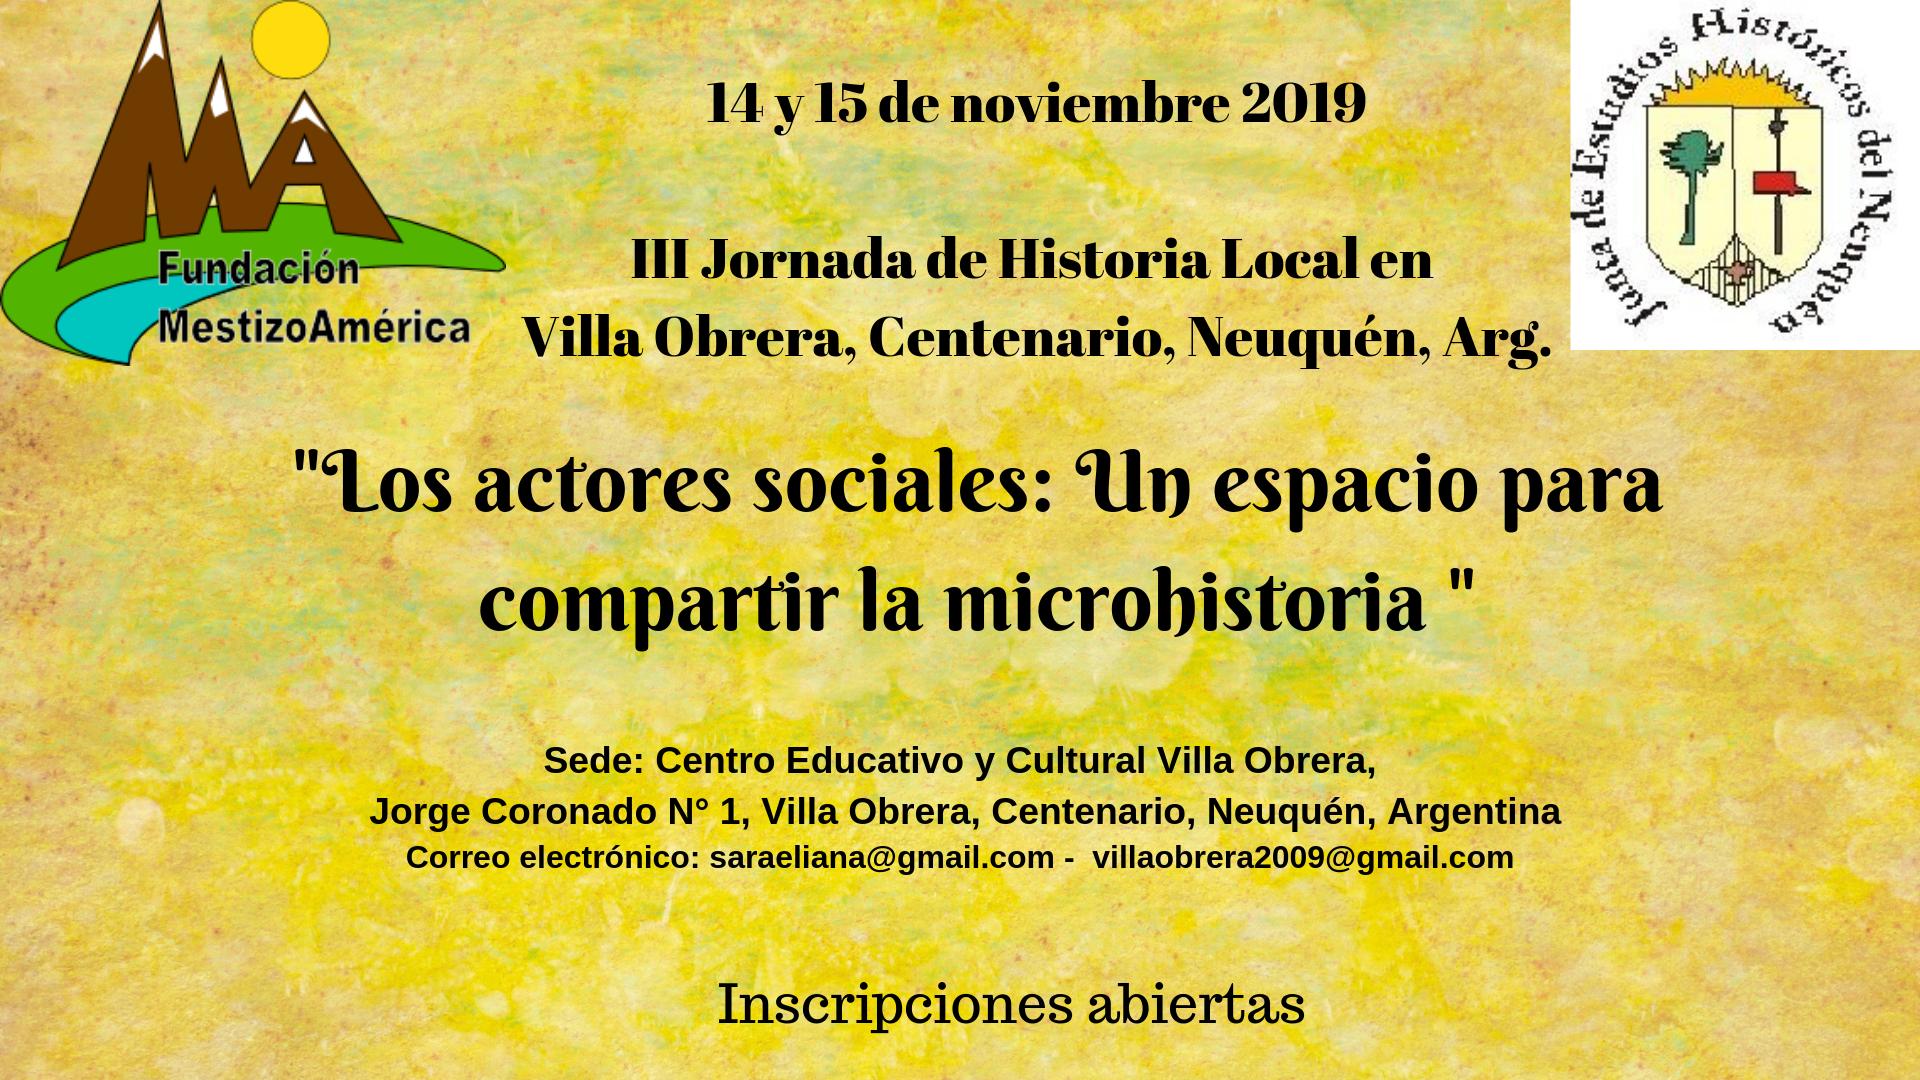 14 y 15 de noviembre 2019 III Jornada de Historia Local en Villa Obrera, Centenario, Neuquén, Argentina.png